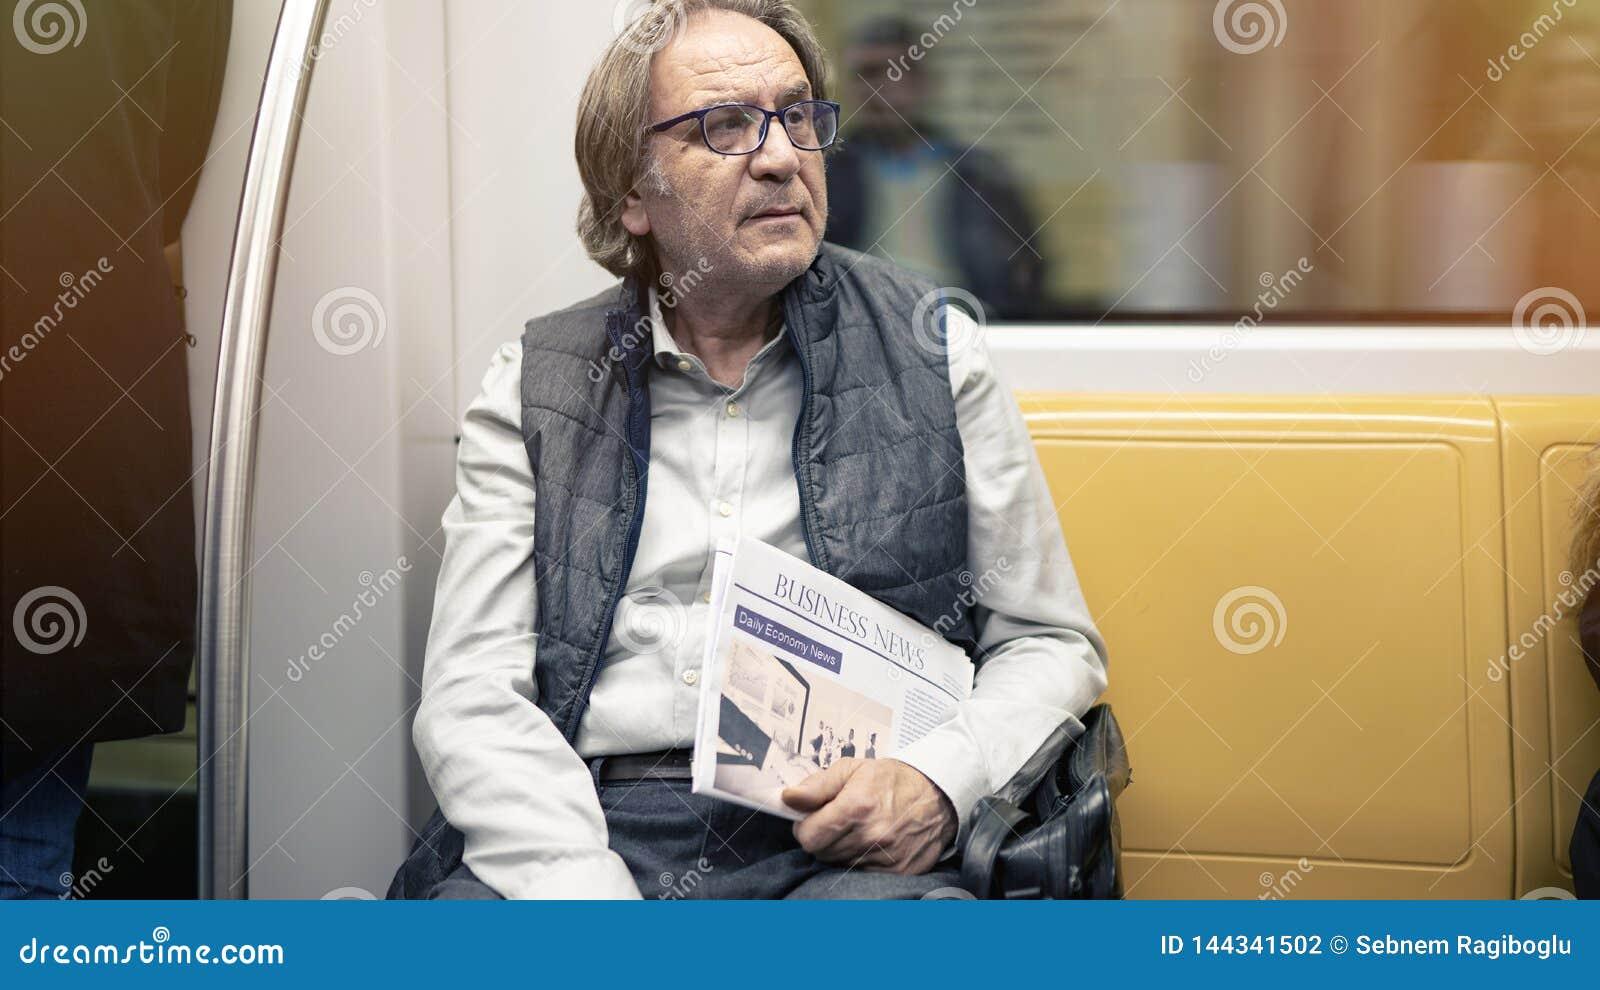 Man in the metro train